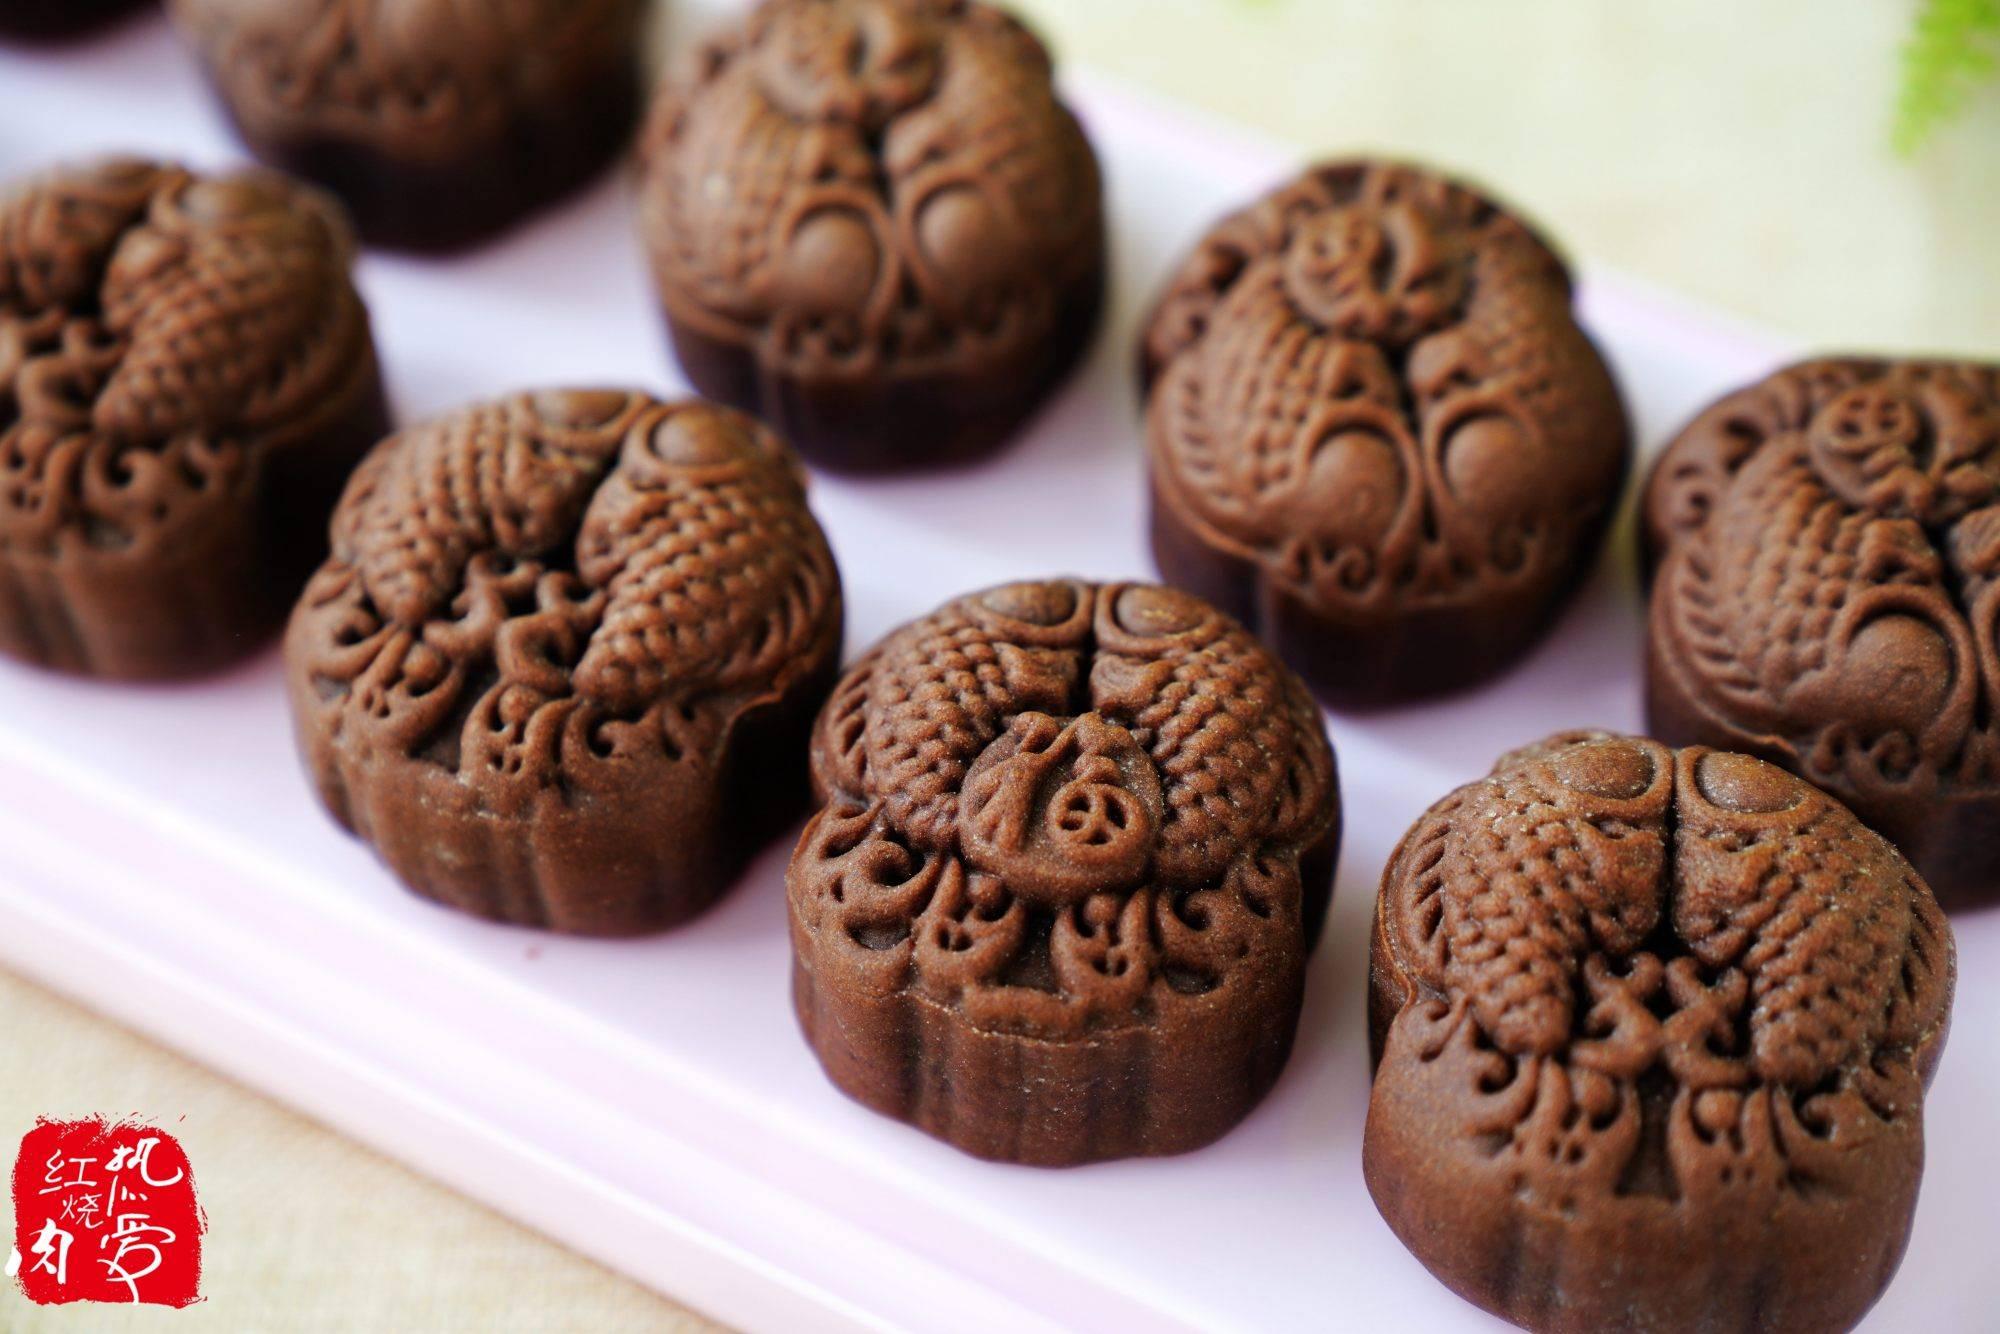 喜欢巧克力和椰蓉的试试这月饼,太香了!其它